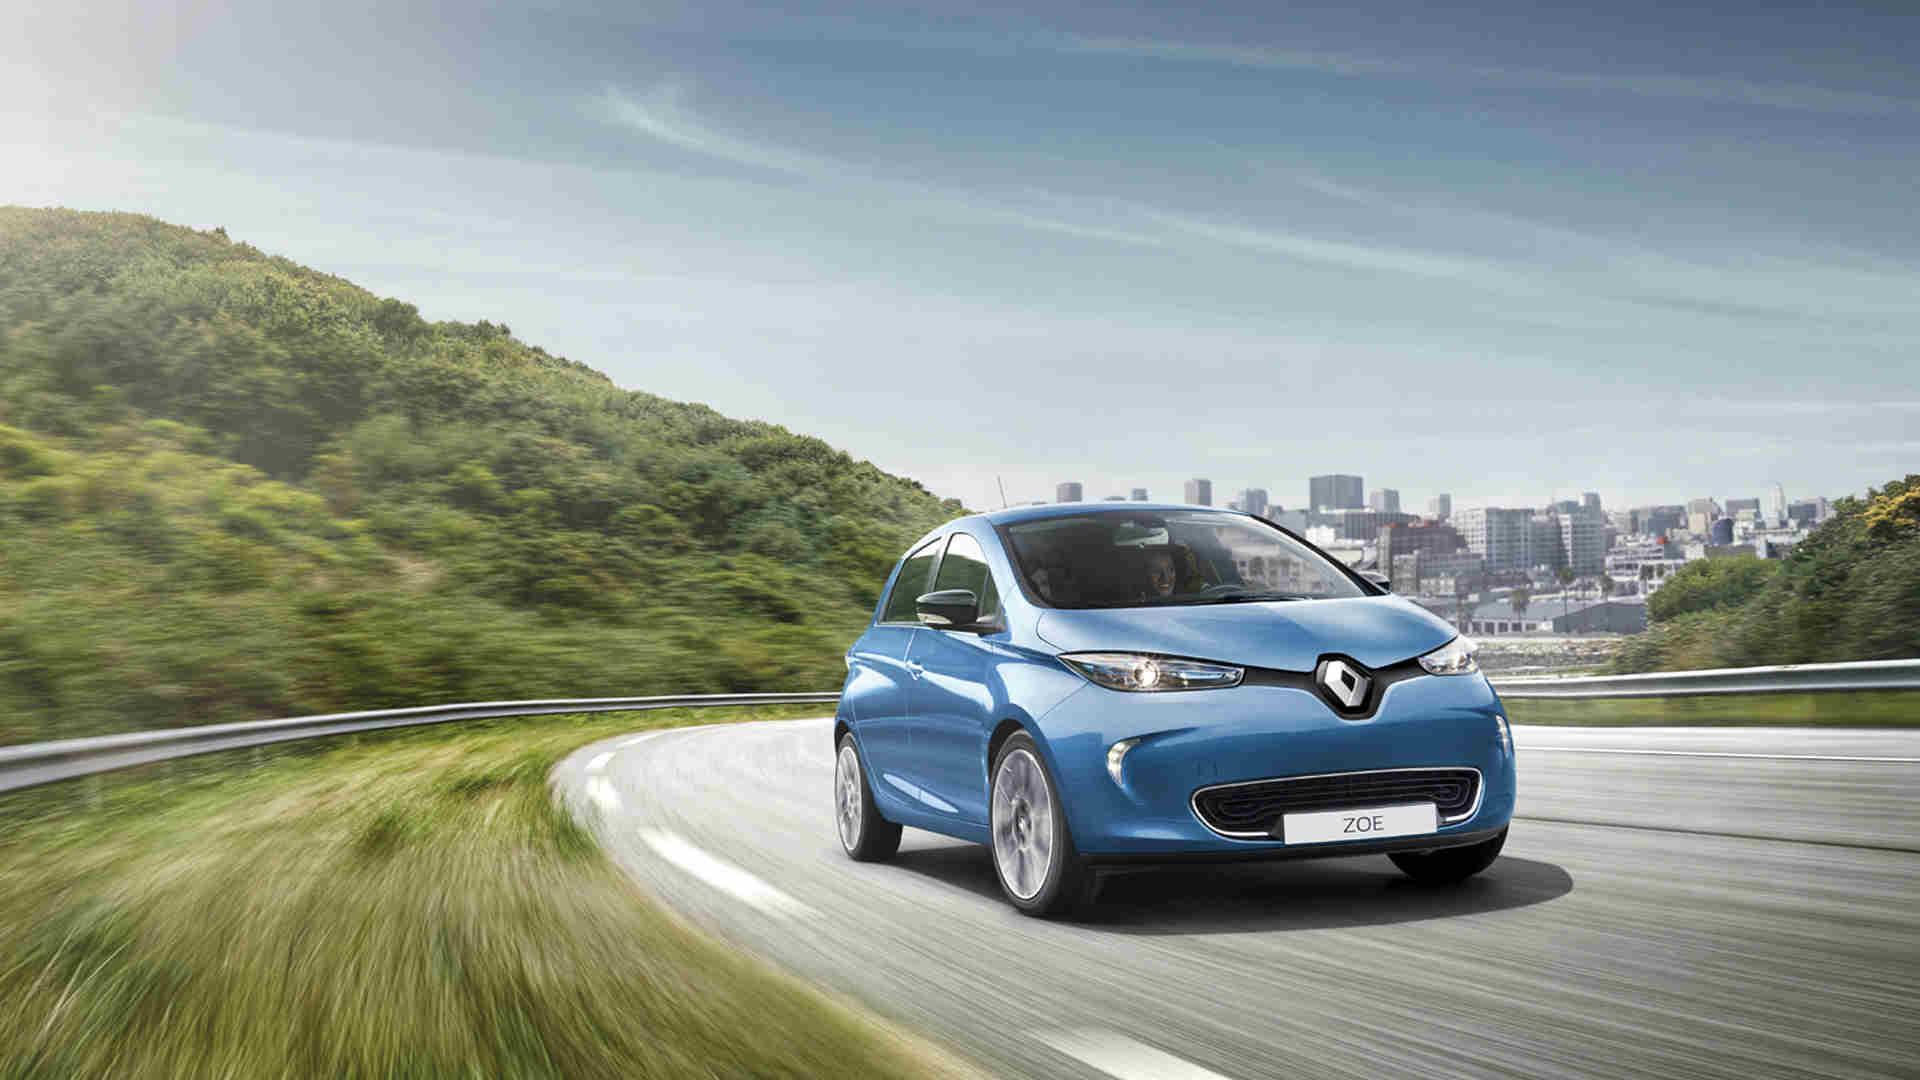 Renault%20zoe